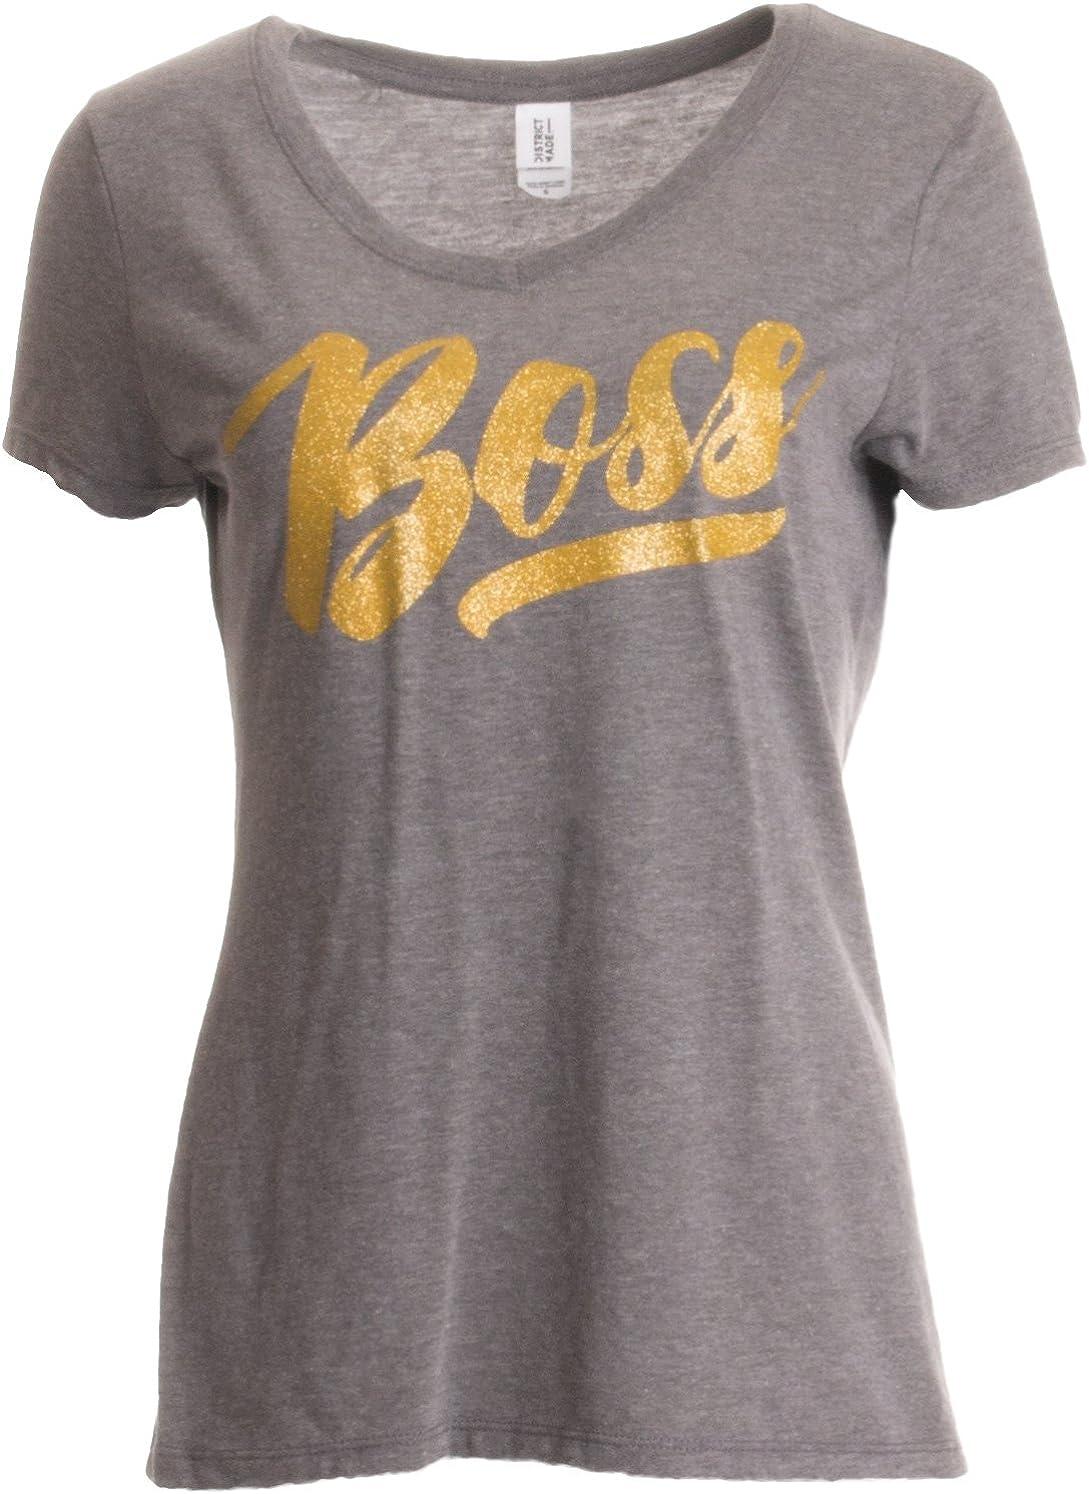 Boss Lady | Funny Bossy Alpha Female Glitter Glam Bling Ladies' V-Neck T-Shirt